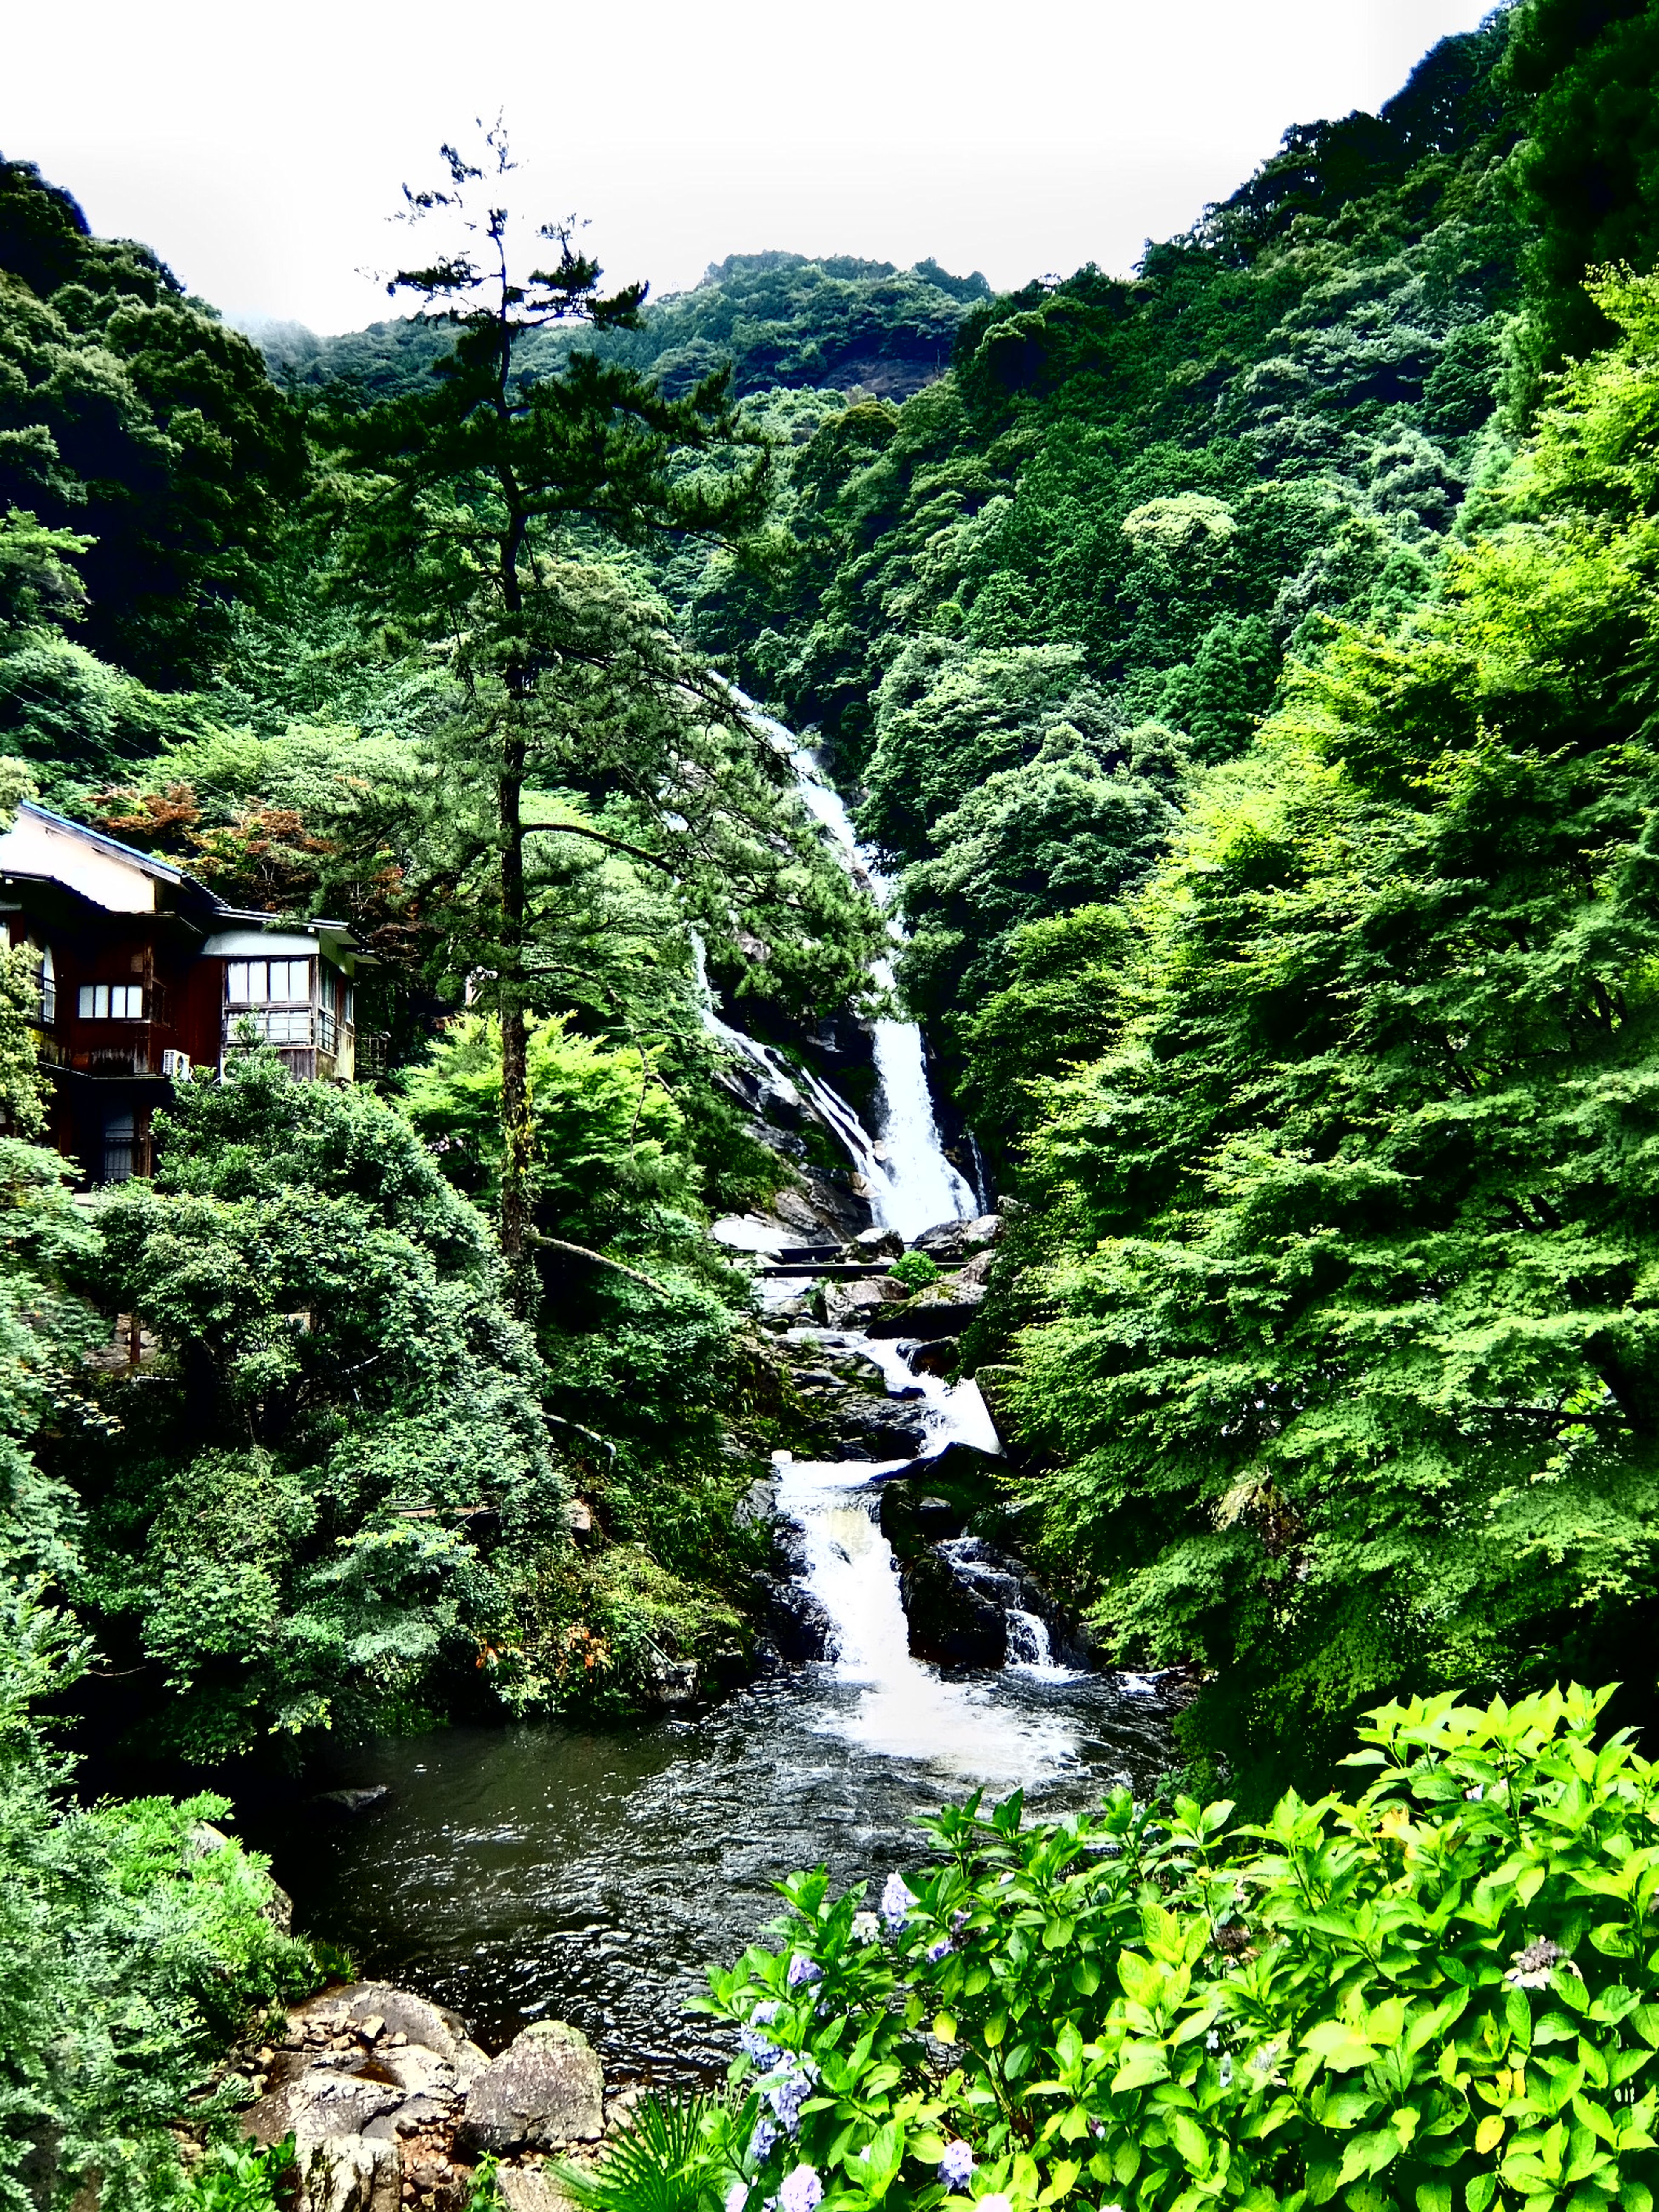 Green Waterfall The Mikaeri Falls 見帰りの滝